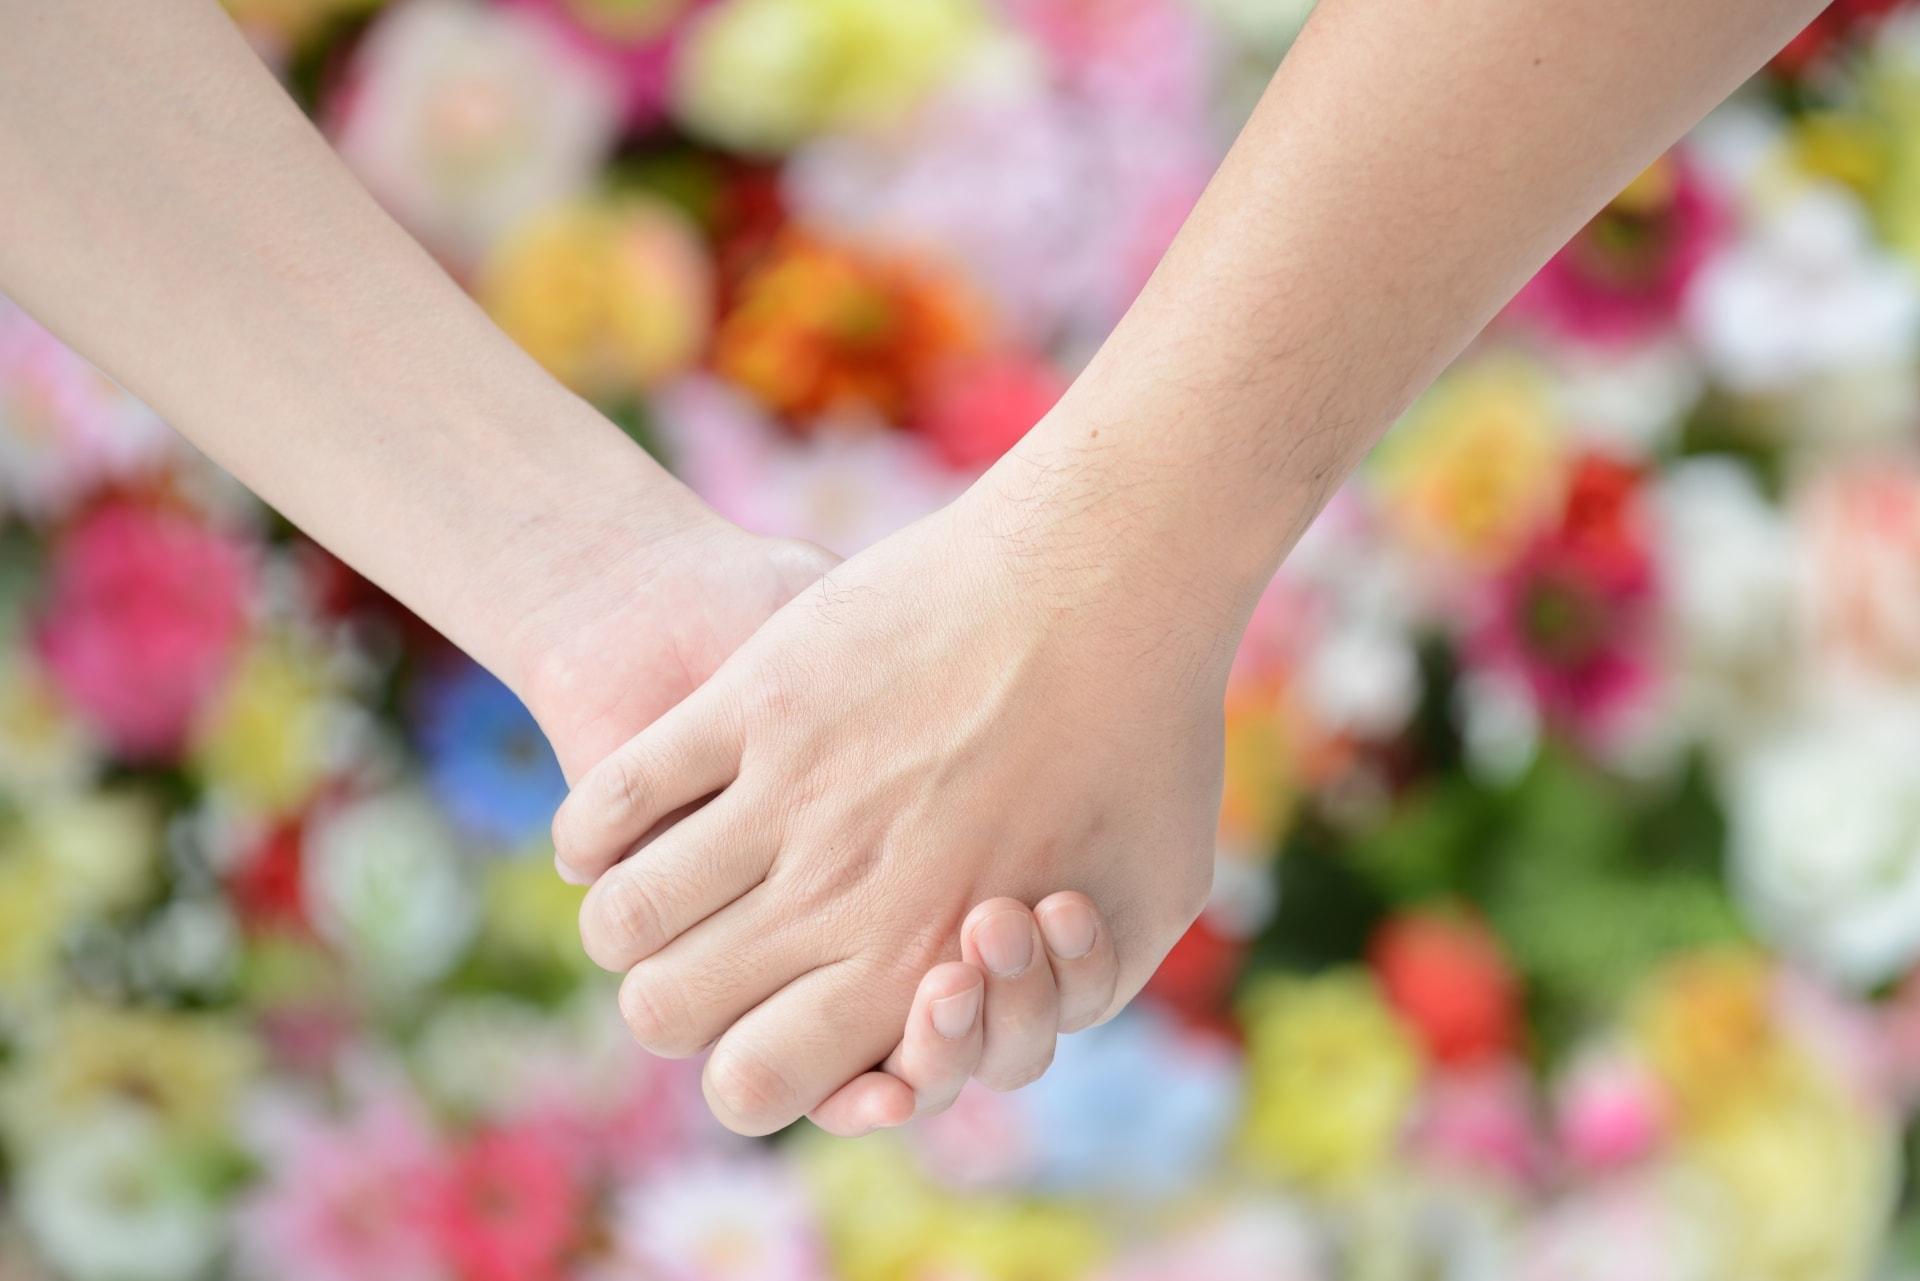 【婚活の準備】新しい出会いを作る5つの方法